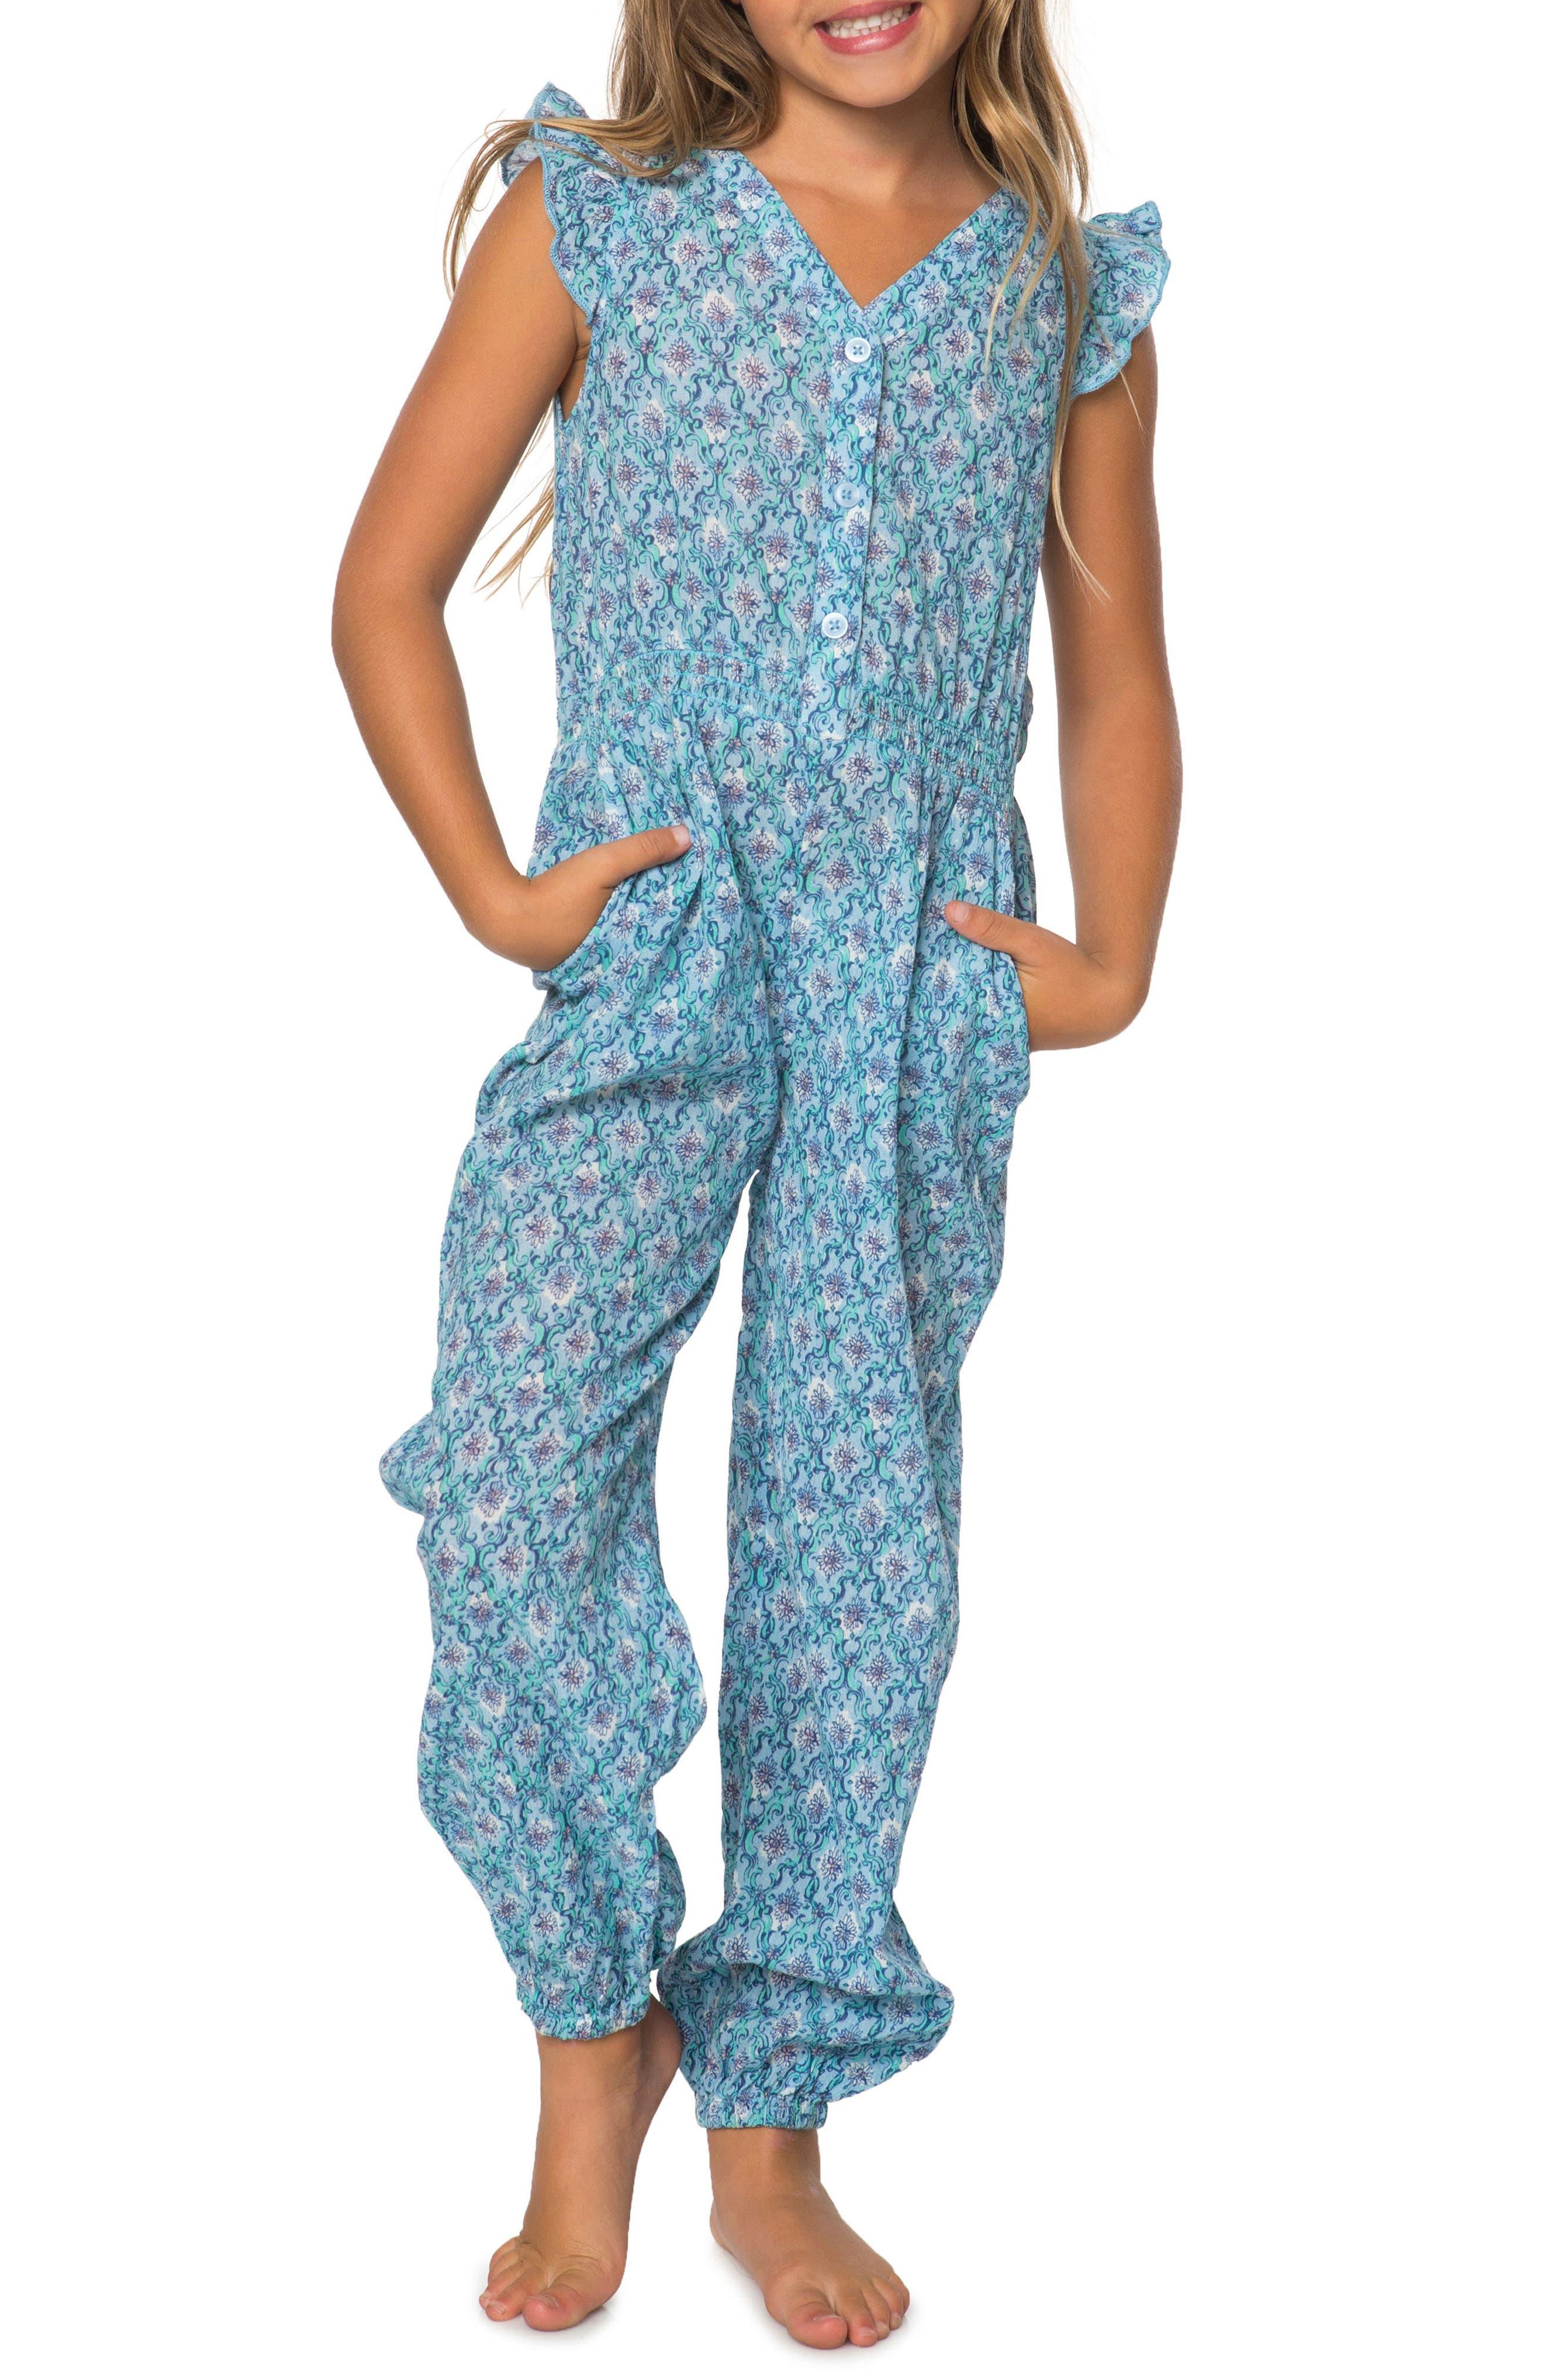 Alternate Image 1 Selected - O'Neill Ella Romper (Toddler Girls & Little Girls)